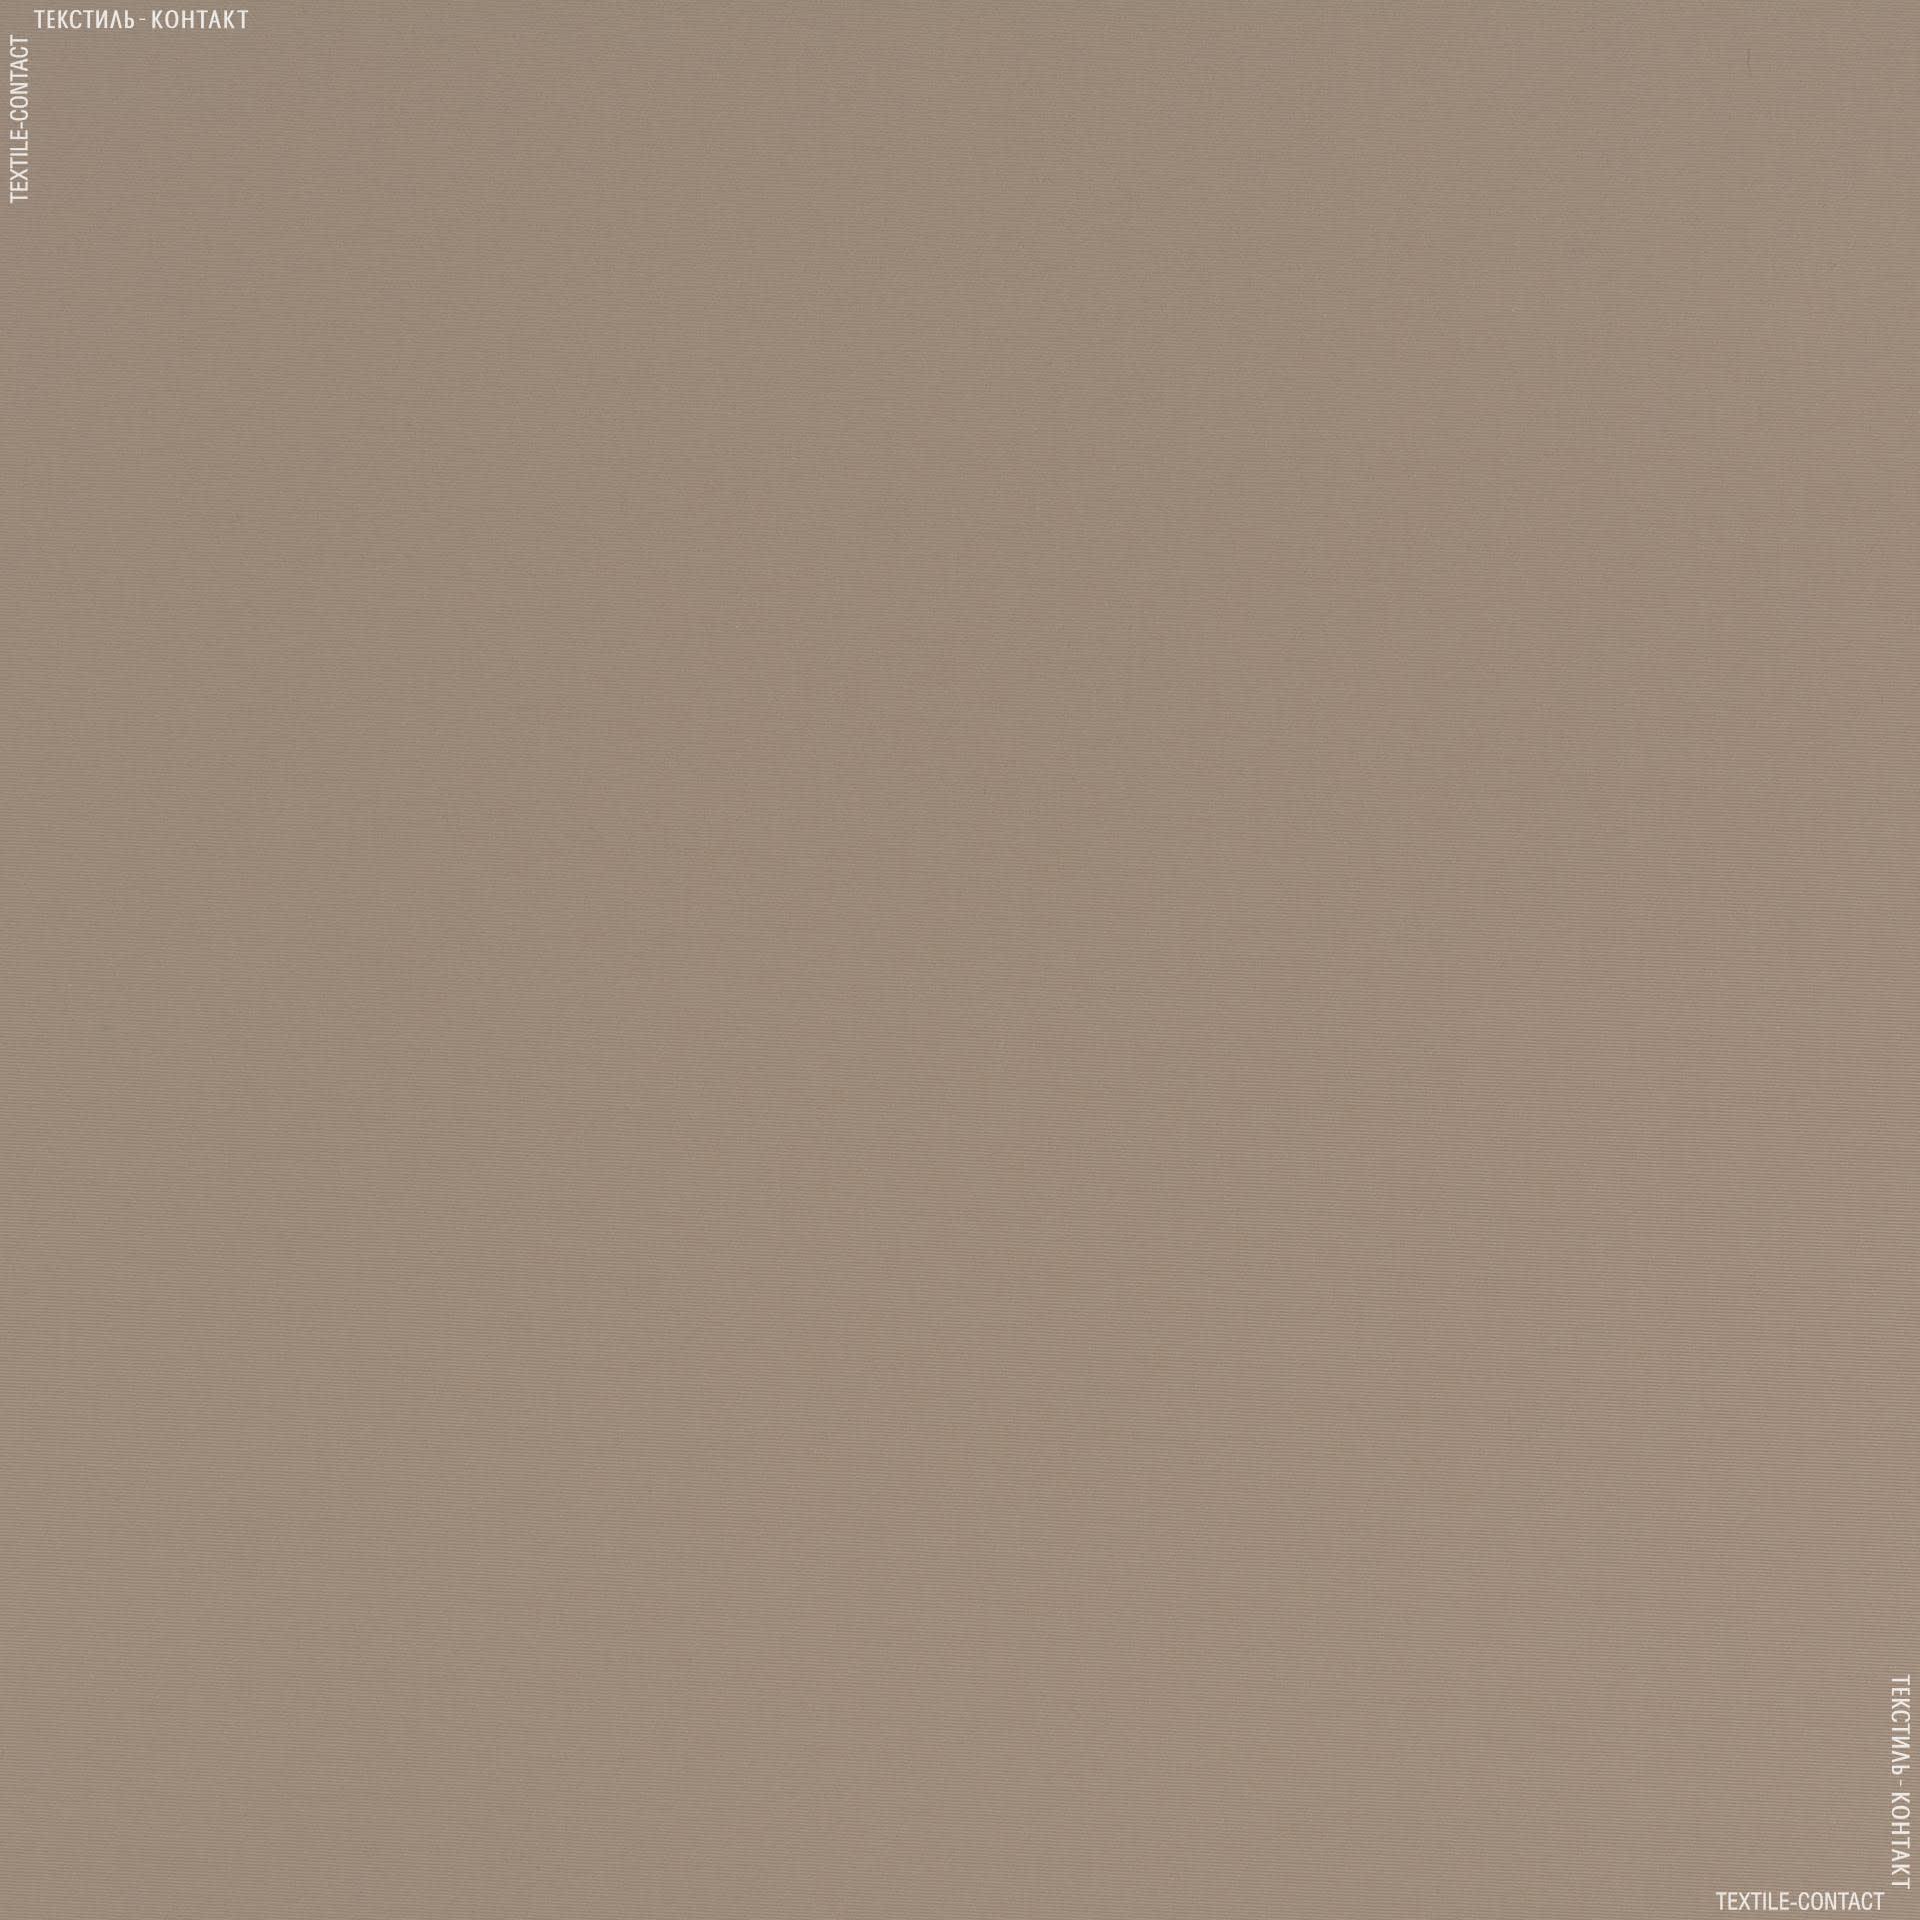 Ткани для верхней одежды - Ода сотина темно-бежевый